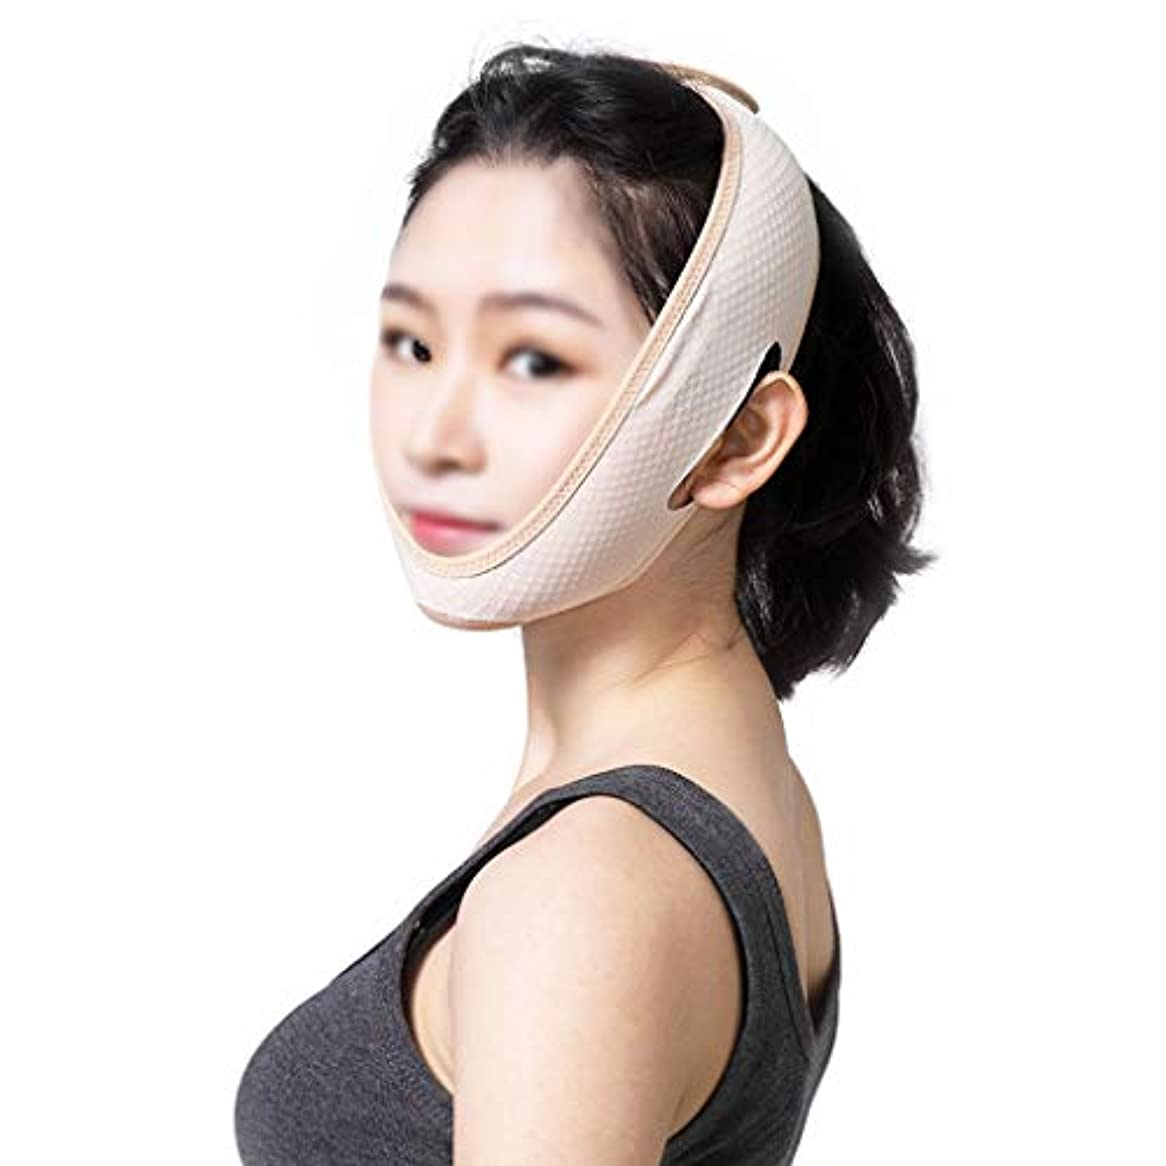 狂人構成する肥料TLMY 顔面リフティング包帯術後回復マスクリフティング包帯薄い顔アーティファクトは、小さなV顔を作成する 顔用整形マスク